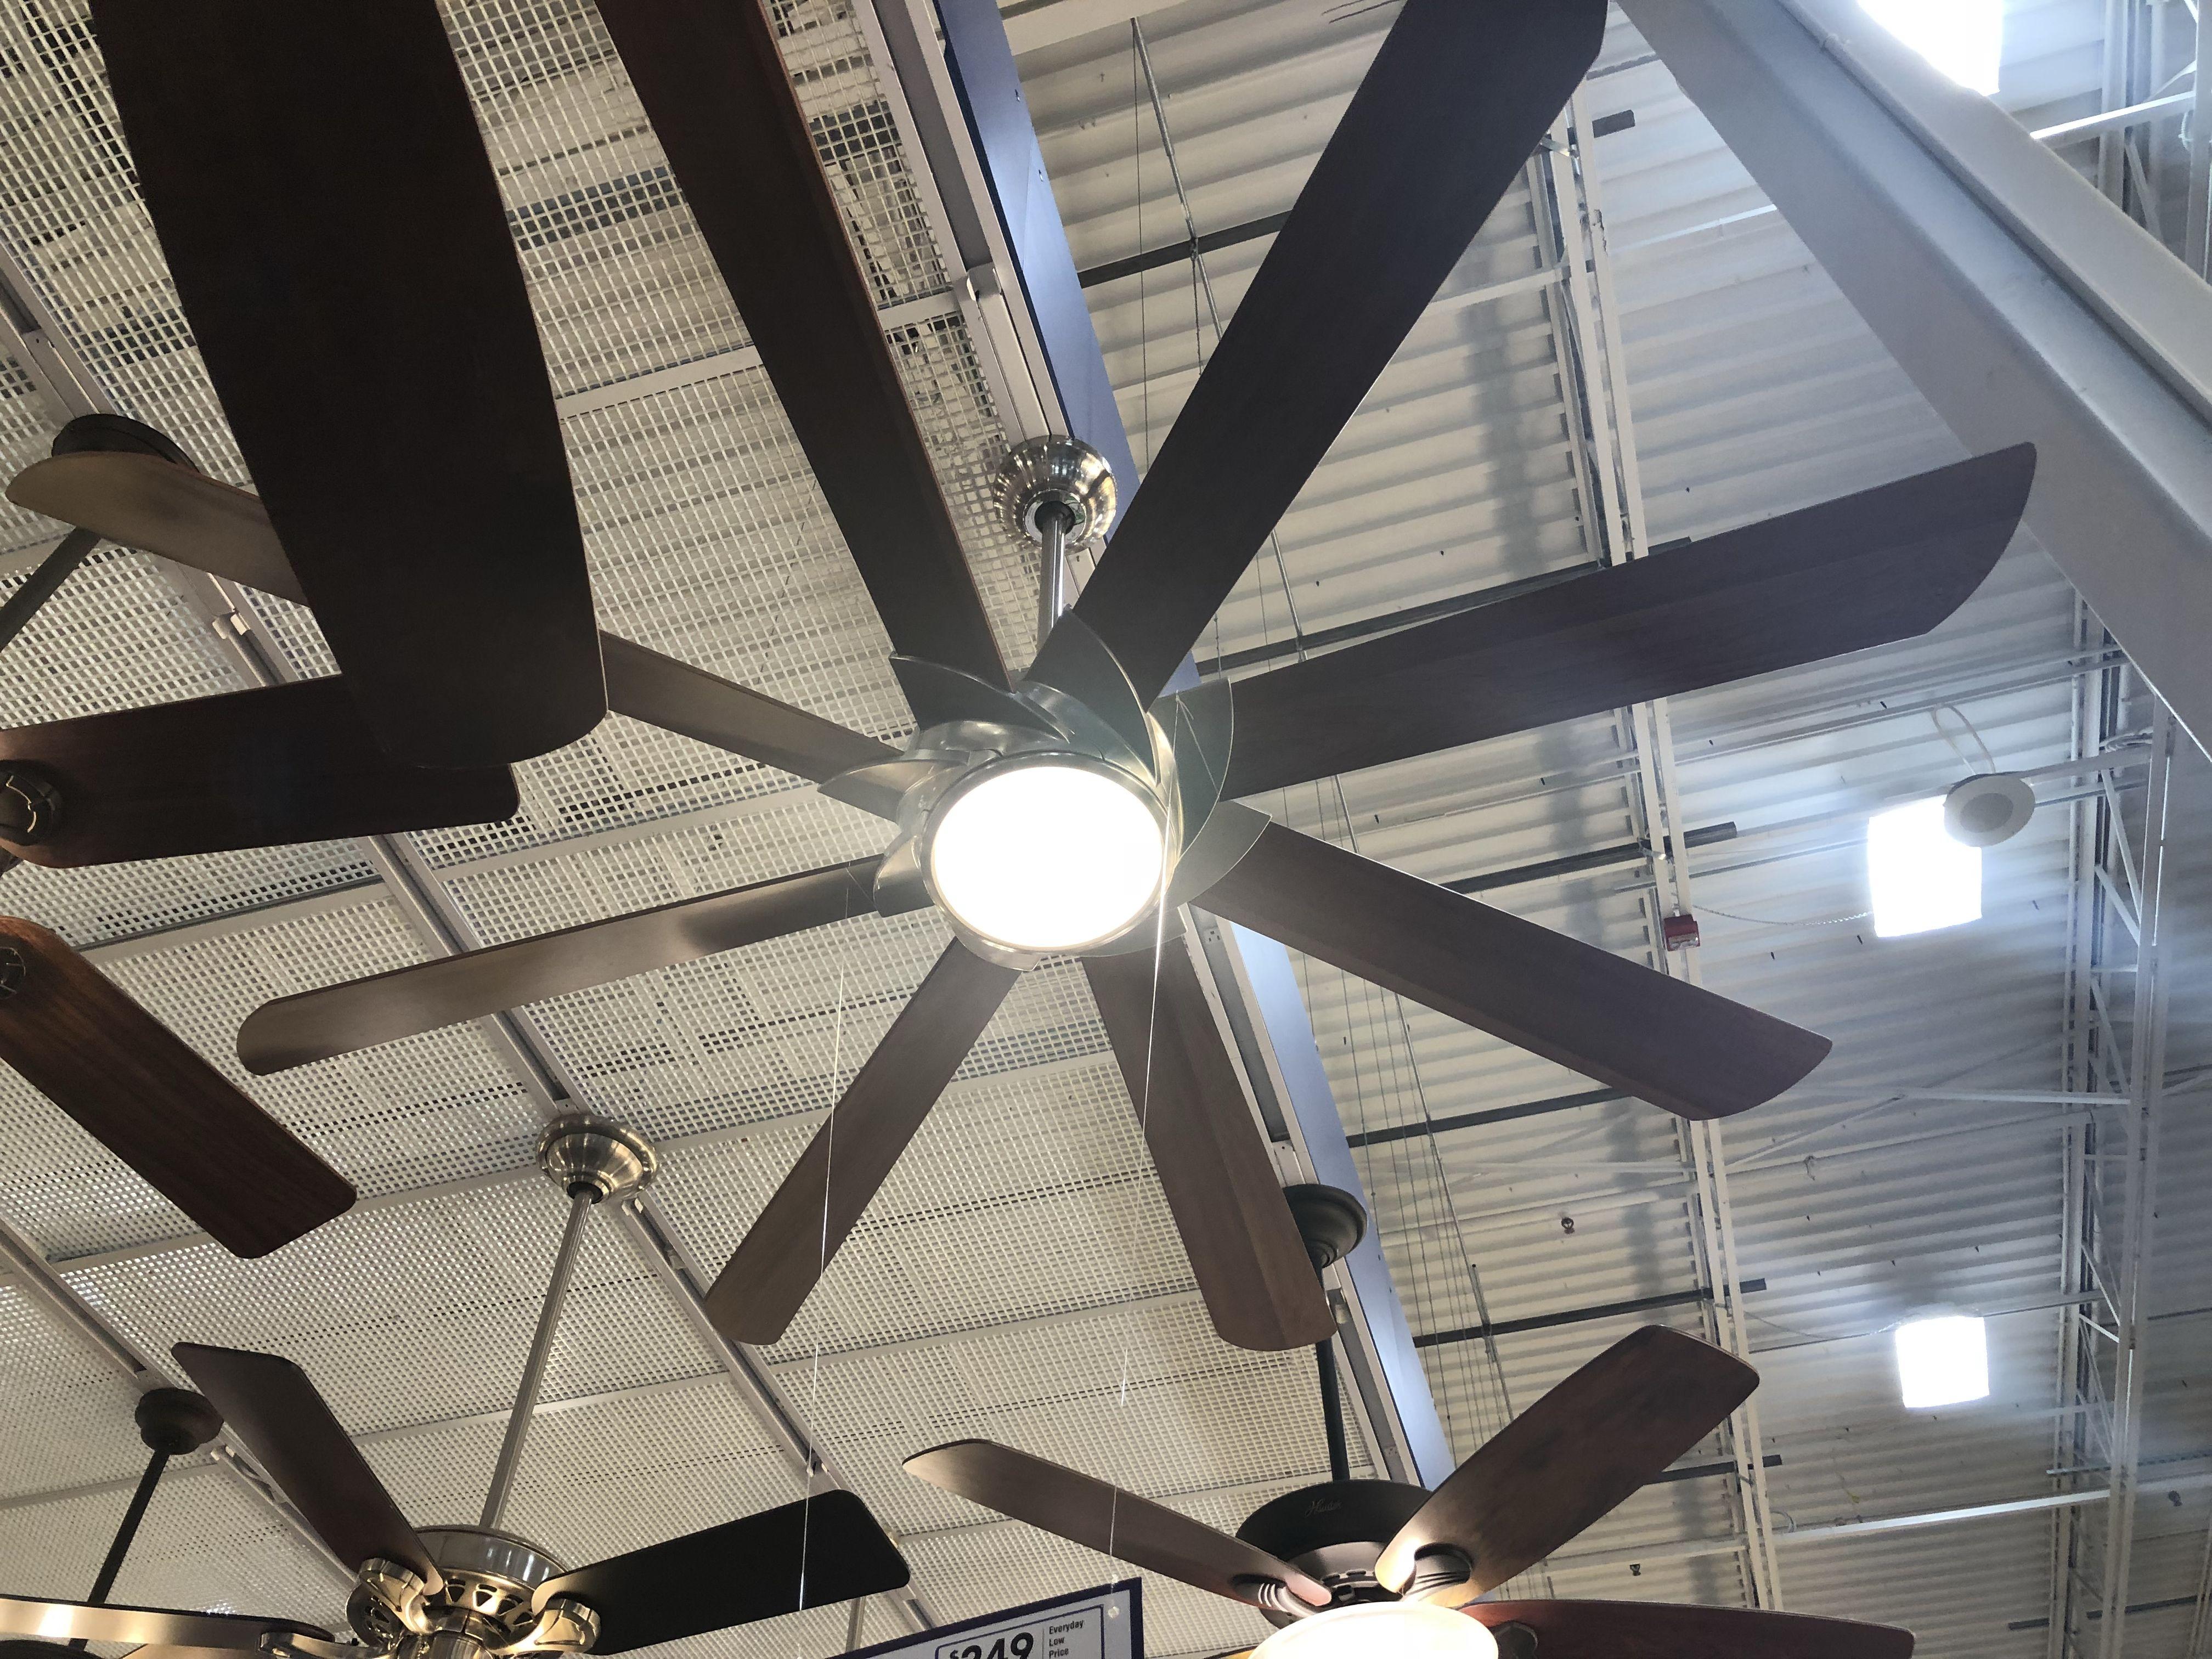 Pin By Jackie Kent Fitness On Fans Office Fan Ceiling Fan Home Decor